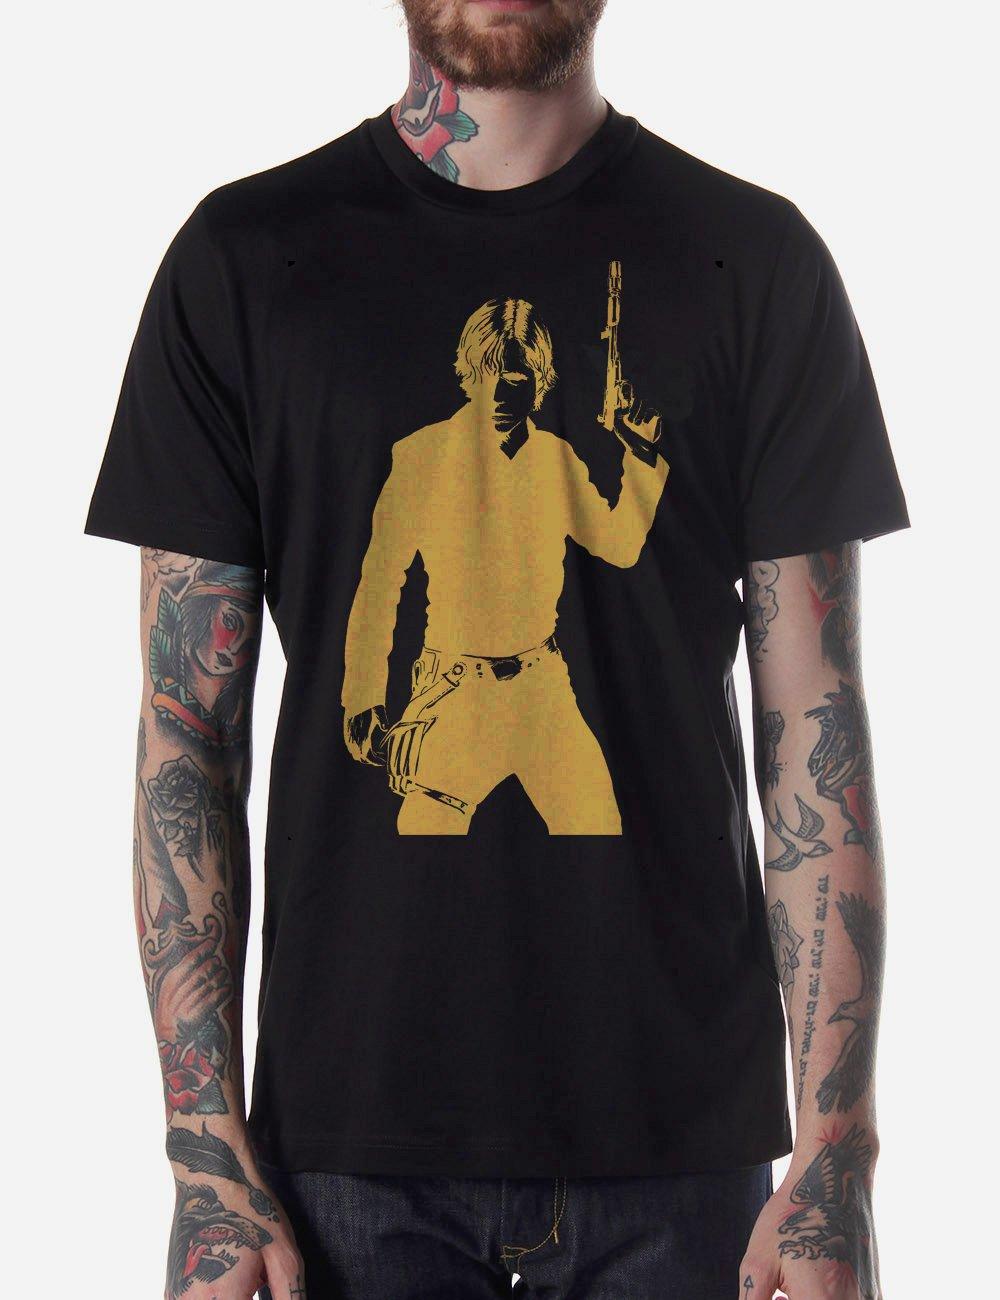 Black Men Tshirt Luke Skywalker Black Tshirt For Men